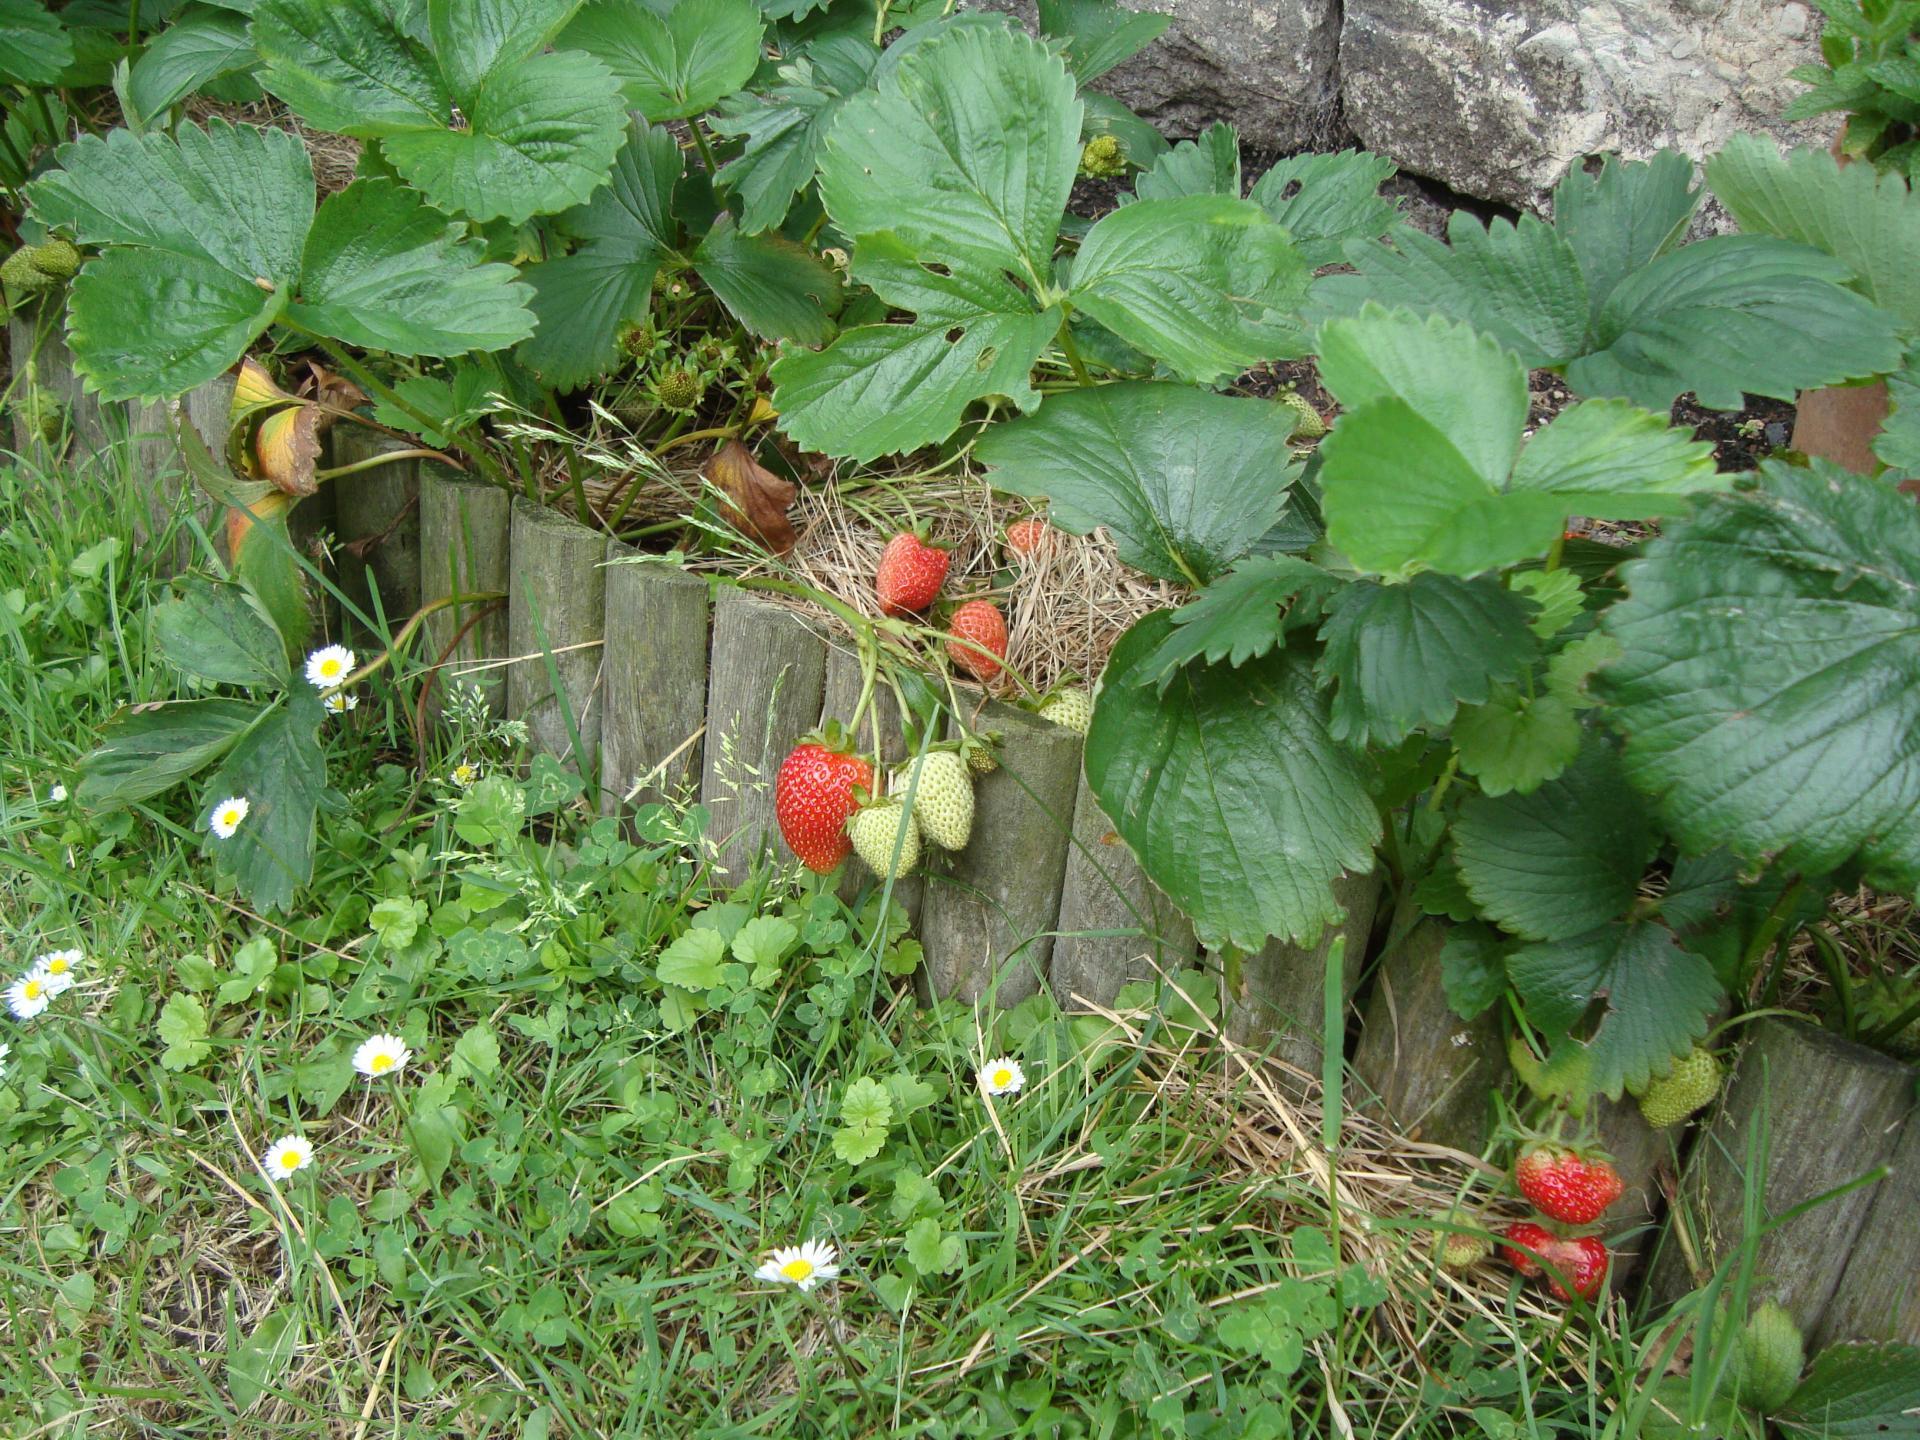 les fraisiers